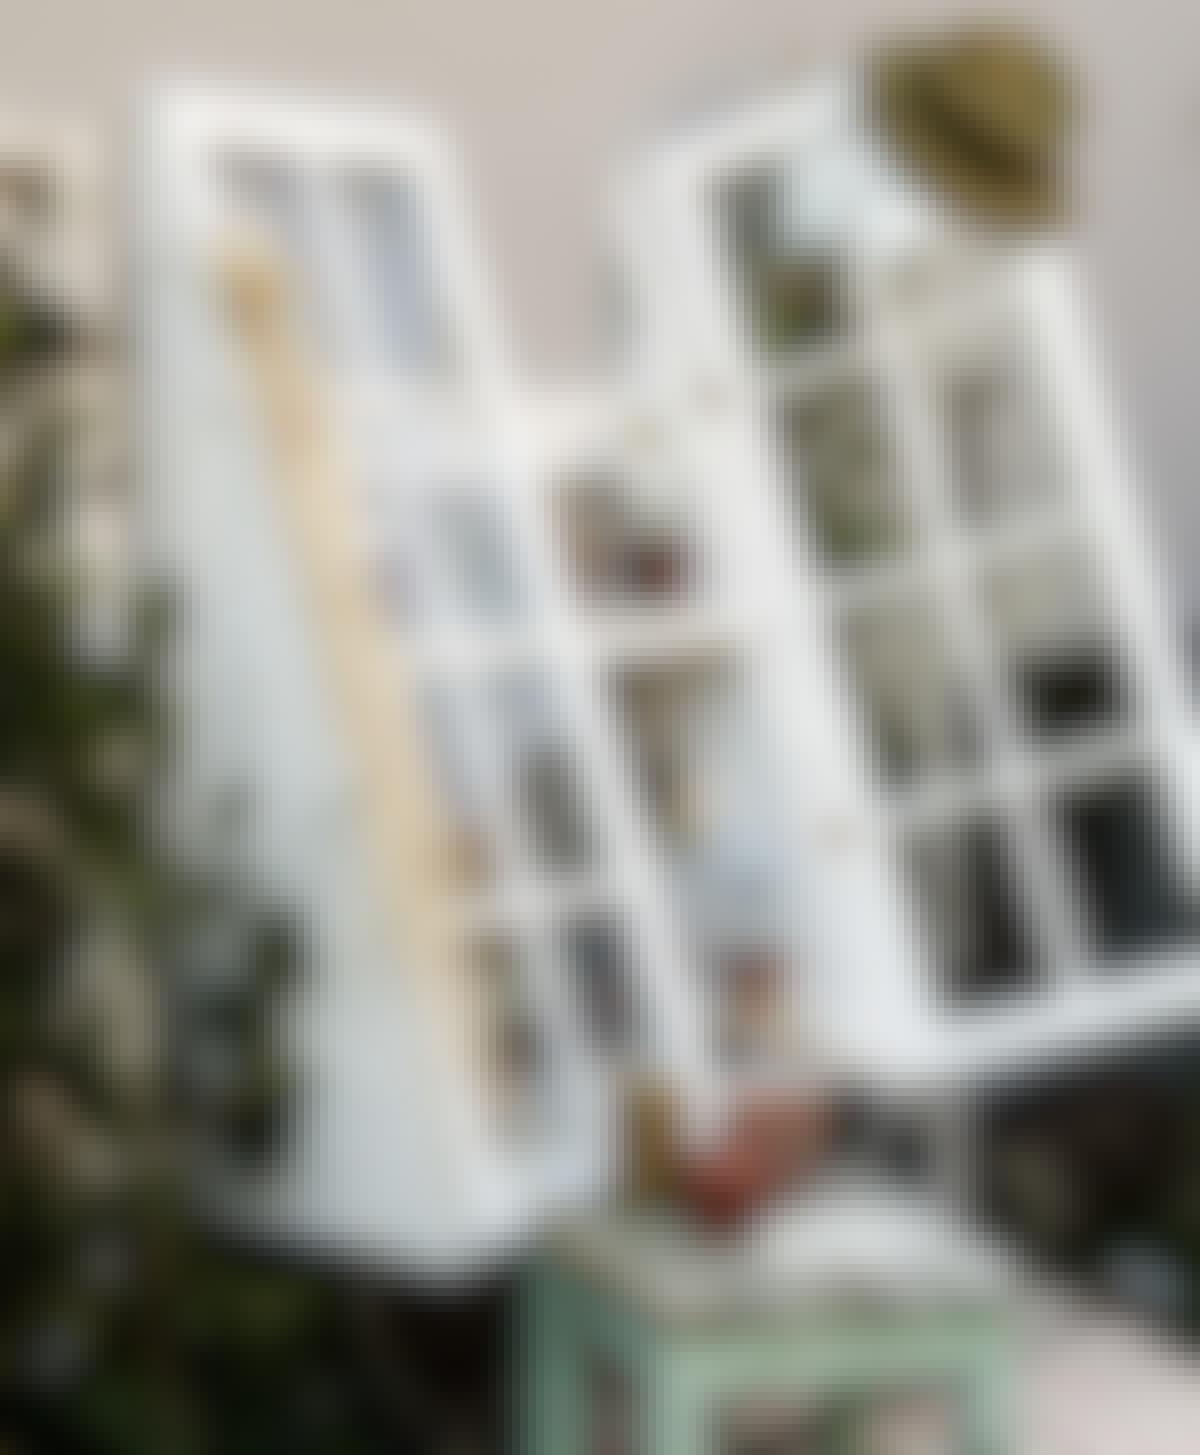 FÖNSTER: Du kan bygga ett helt [orangeri](/byggnader/orangeri-bygg-sjalv-ett-orangeri-fraan-grunden) av återvunna fönster, men du kan också börja med ett litet vägghängt växthus.